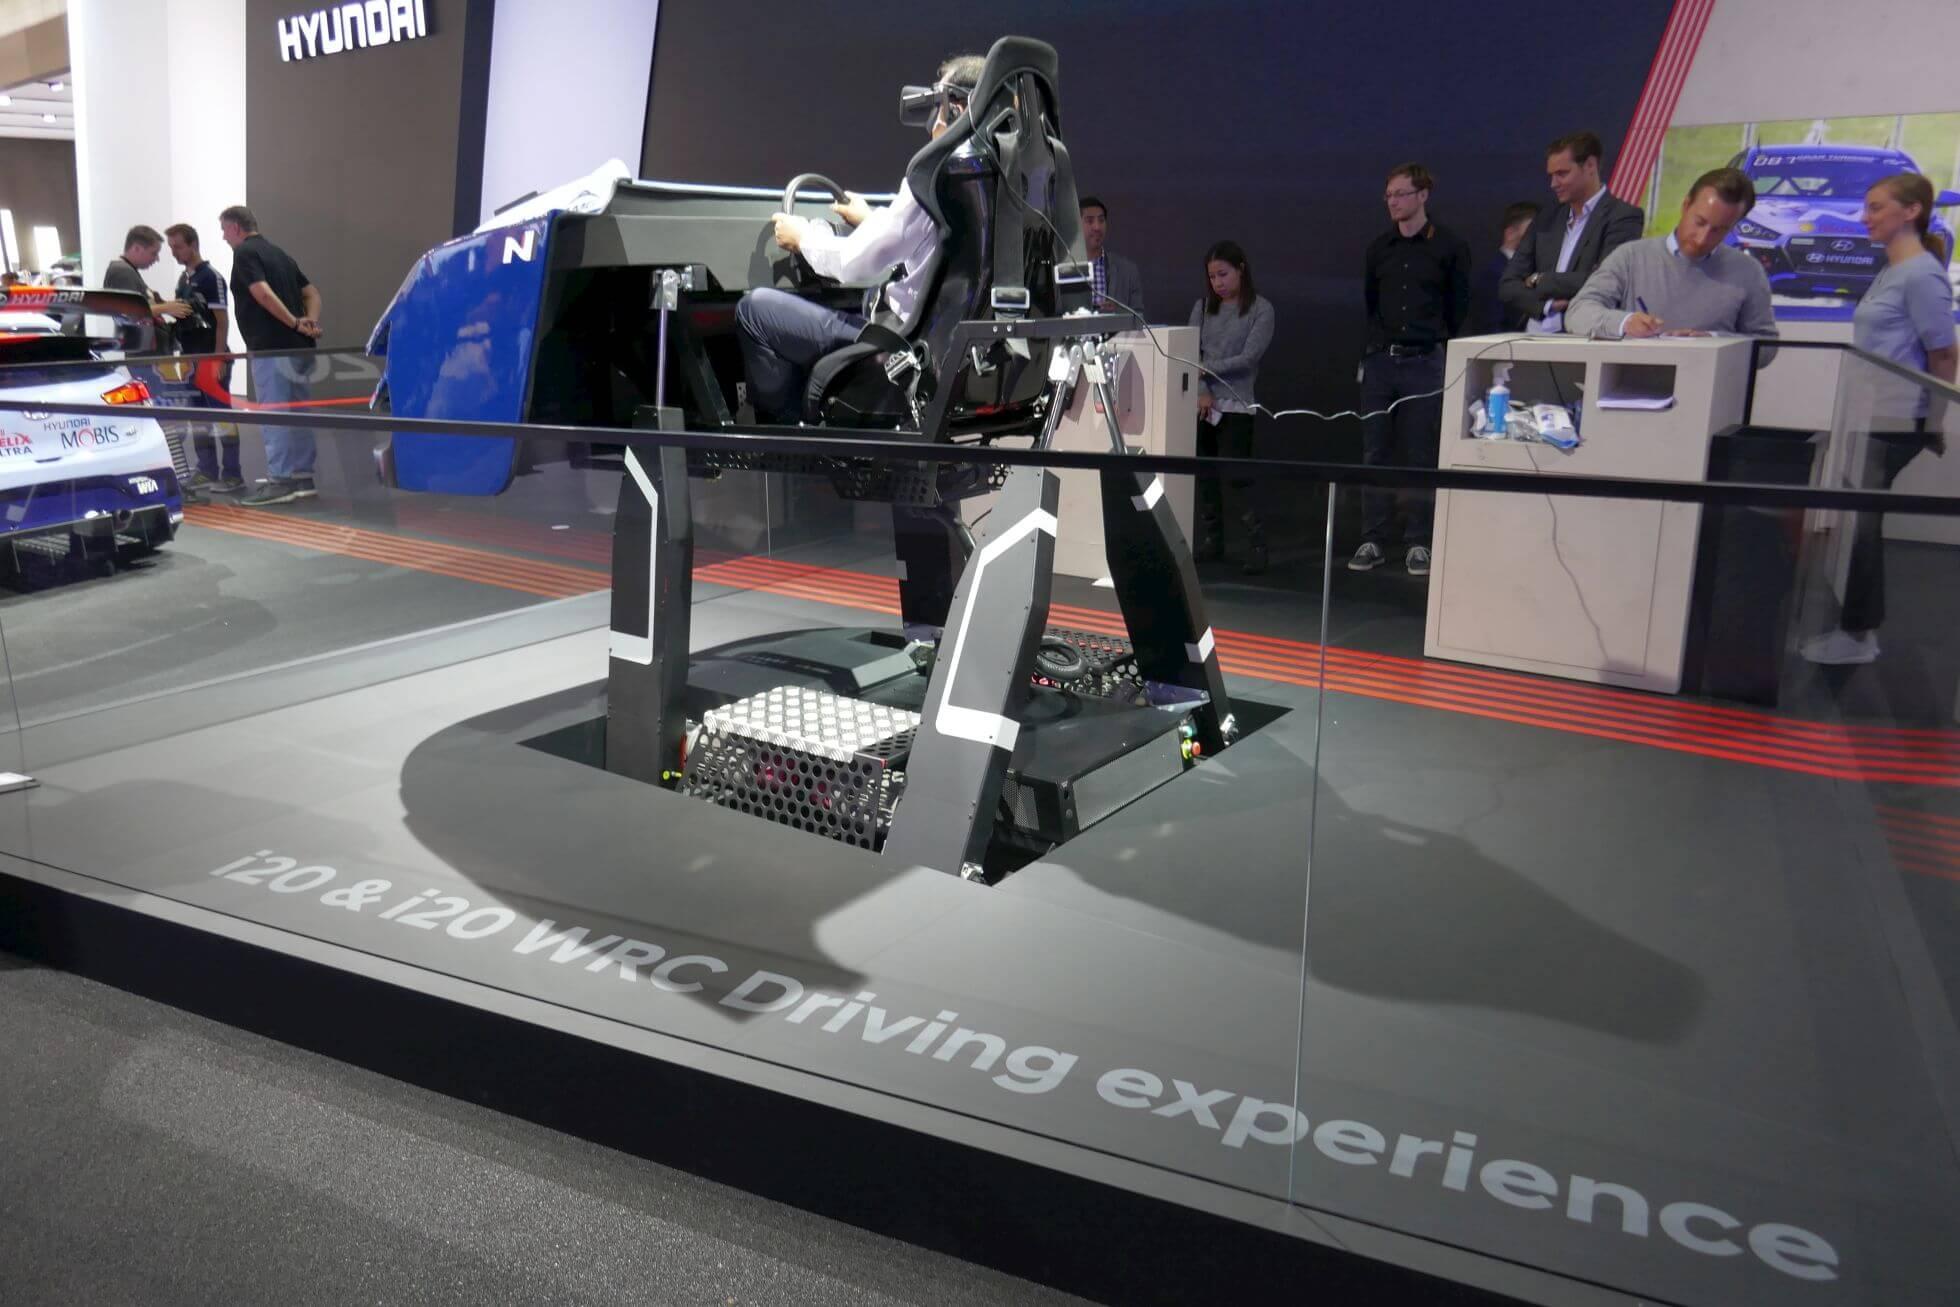 Jetzt wird's ruppig: Die i20 WRC Driving 4D experience von Hyundai.